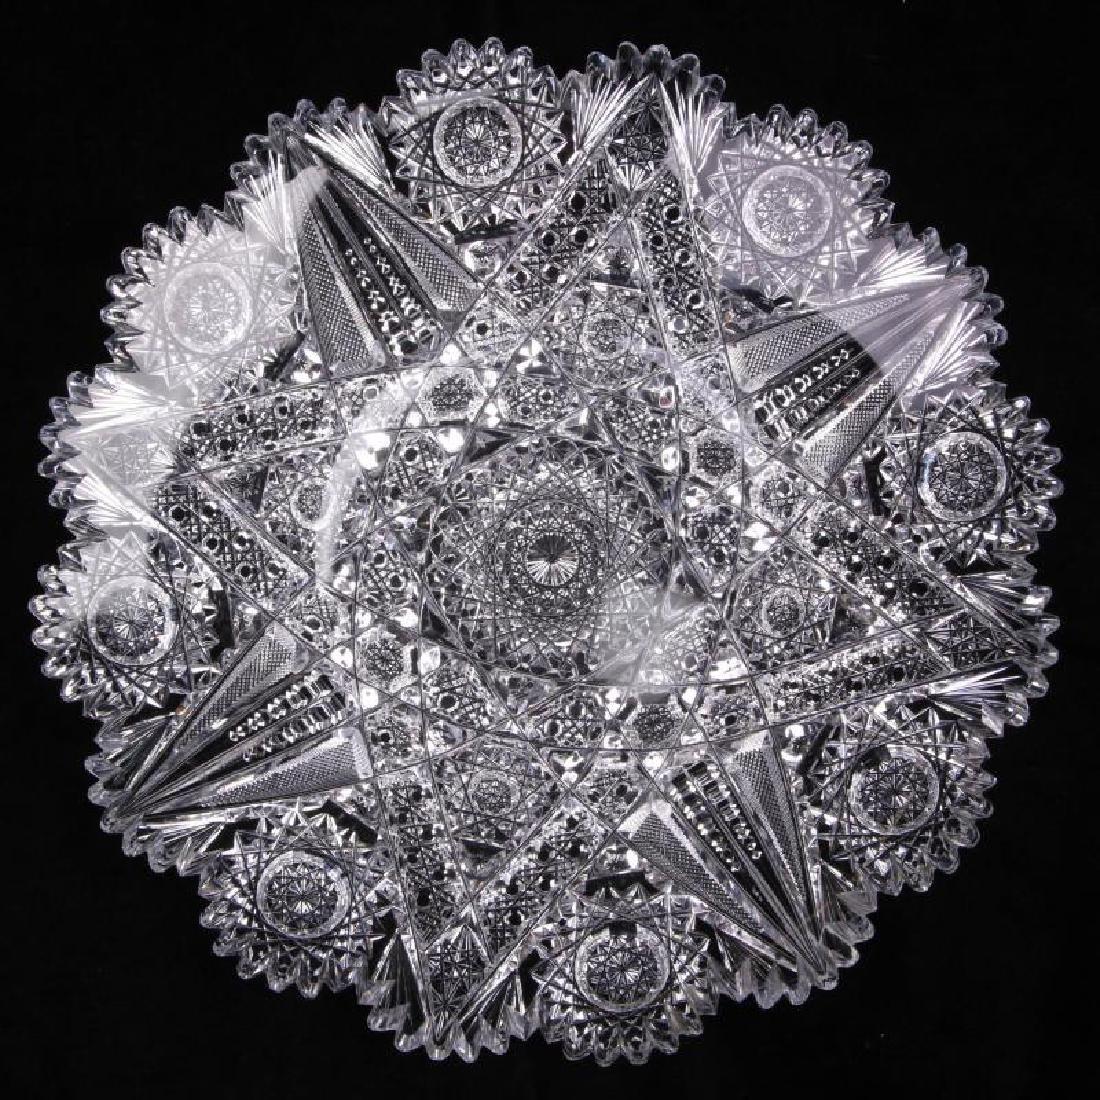 A 10-INCH ABP PLATE IN CAROLYN PATTERN BY J. HOARE